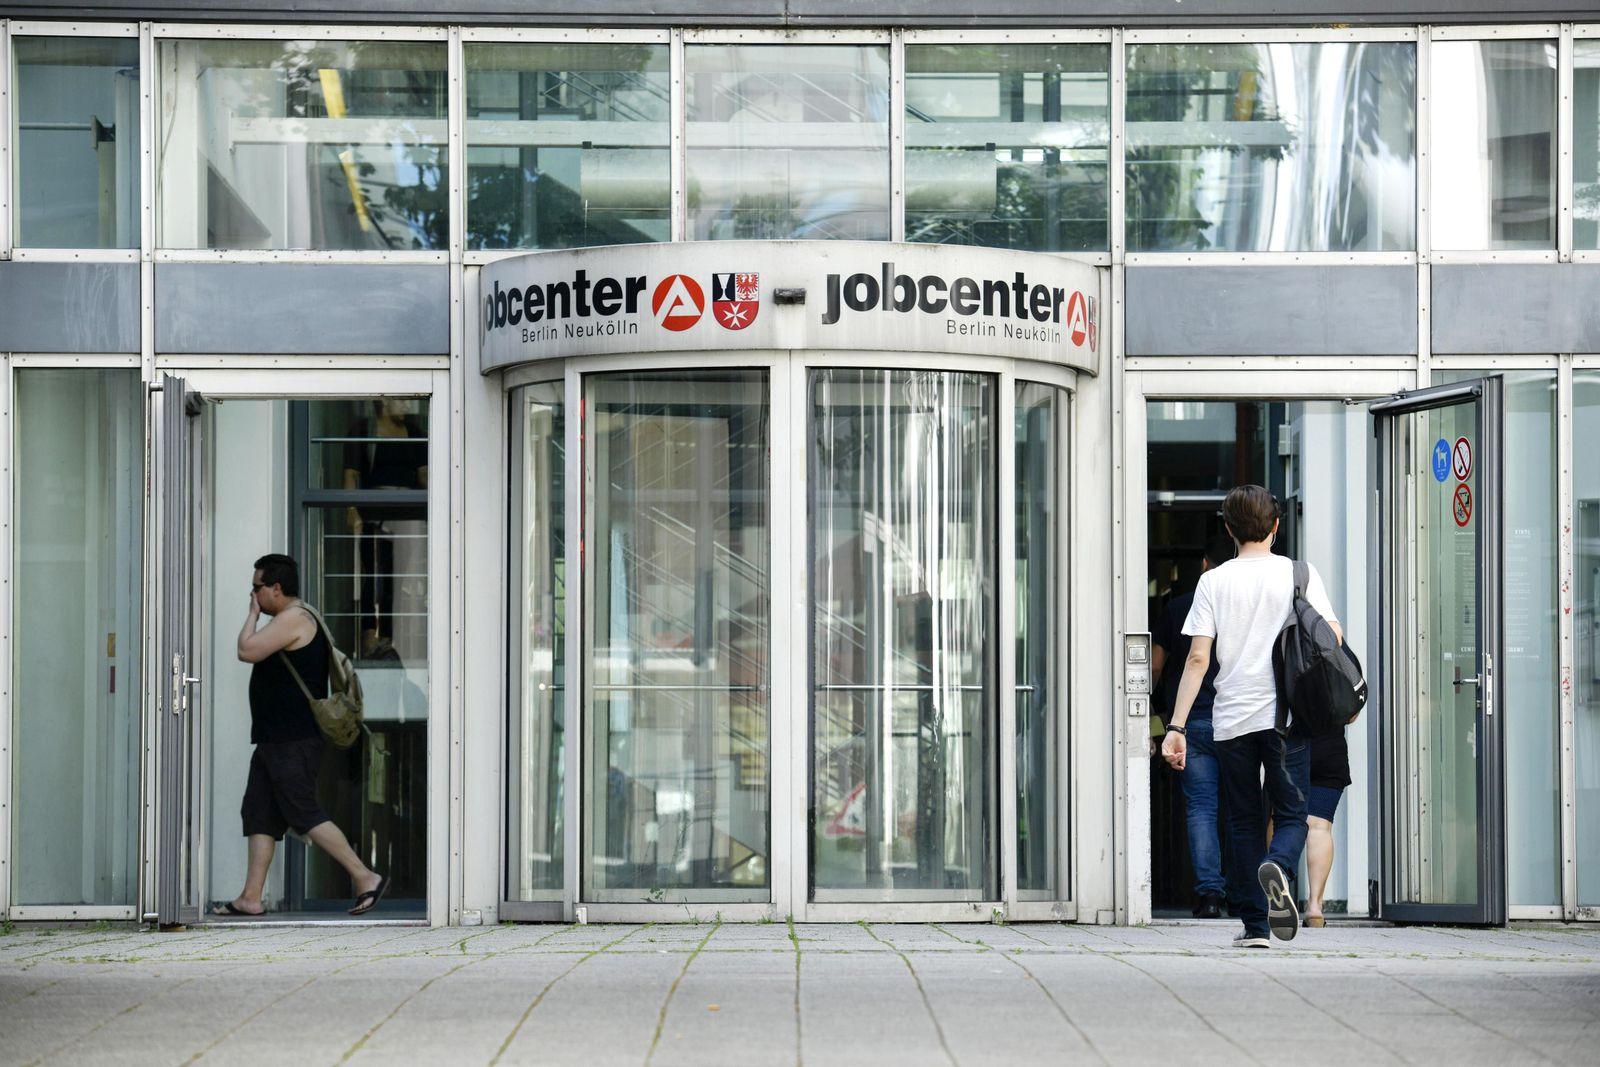 Jobcenter, Mainzer Strasse, Neukoelln, Berlin, Deutschland